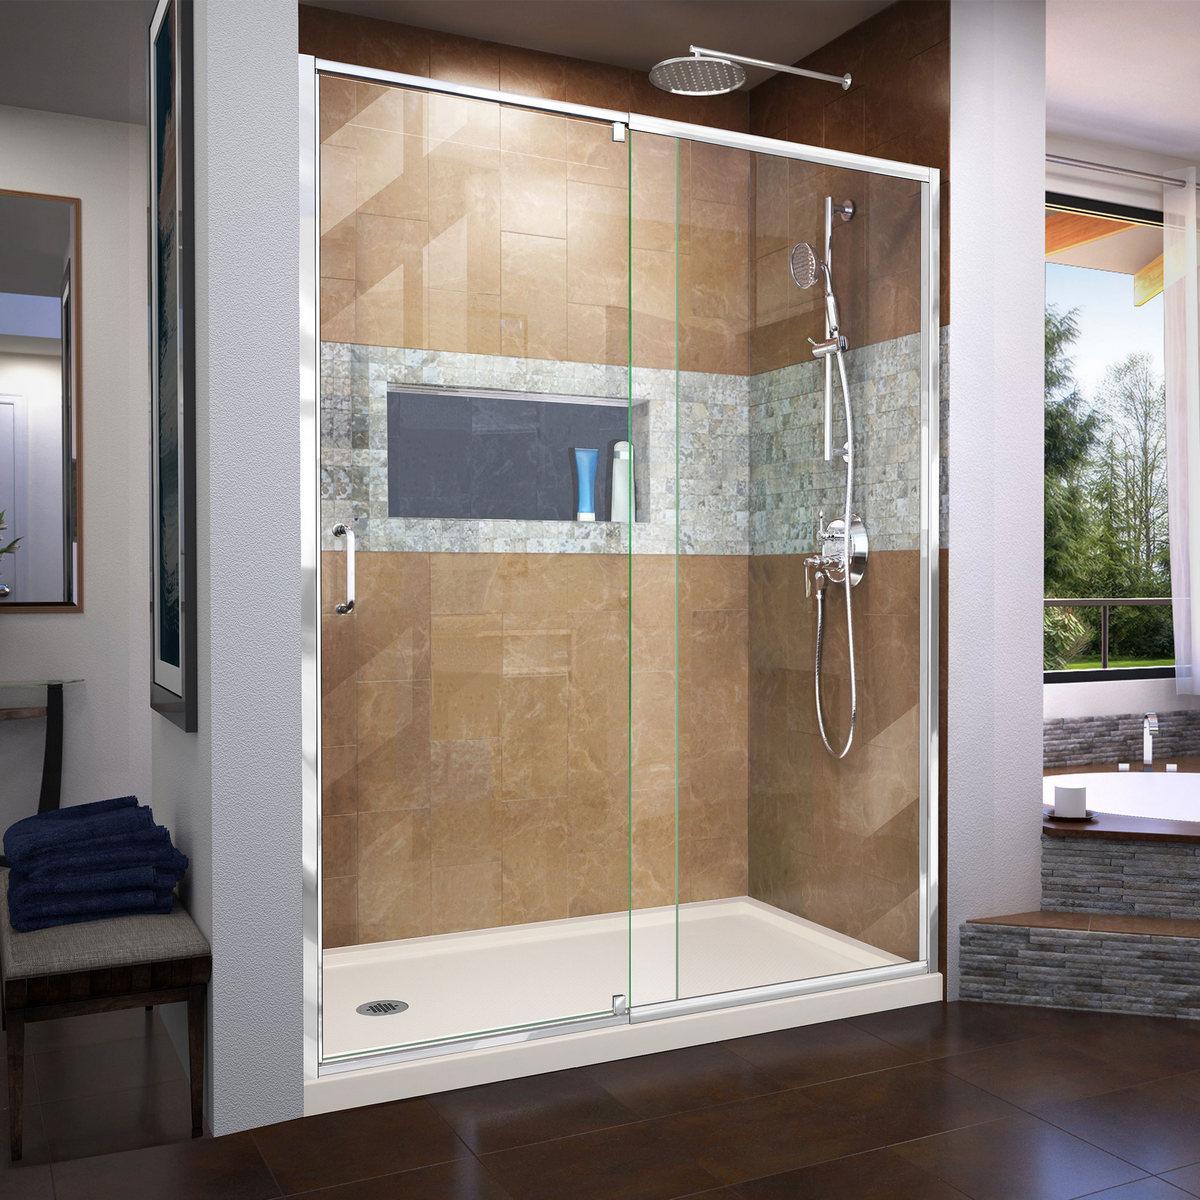 Dreamline Frameless Pivot Shower Door Chrome Left Drain Biscuit Base Kit